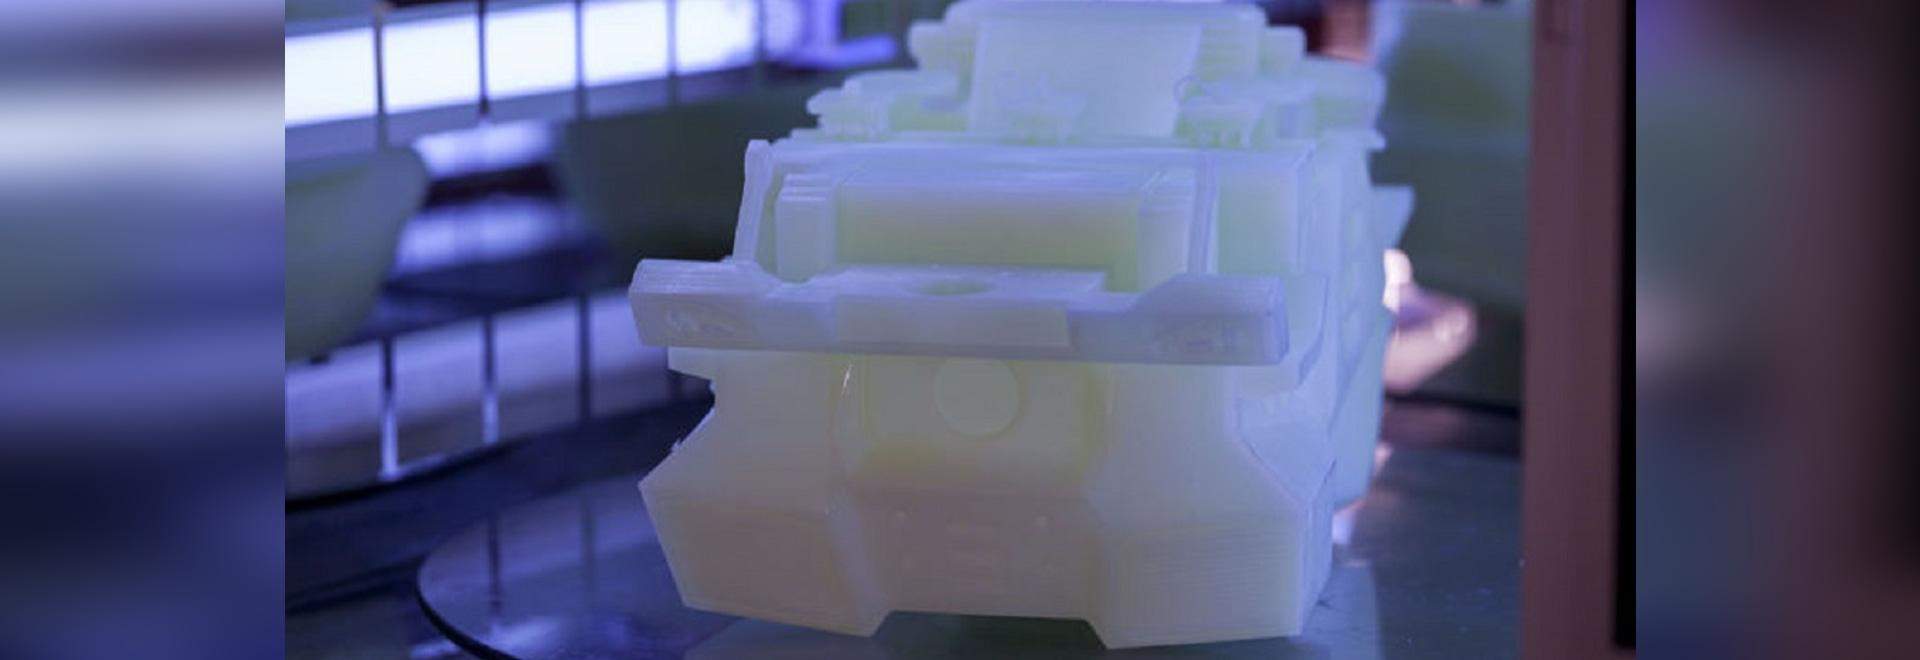 Post-curado para la impresión SLA 3D